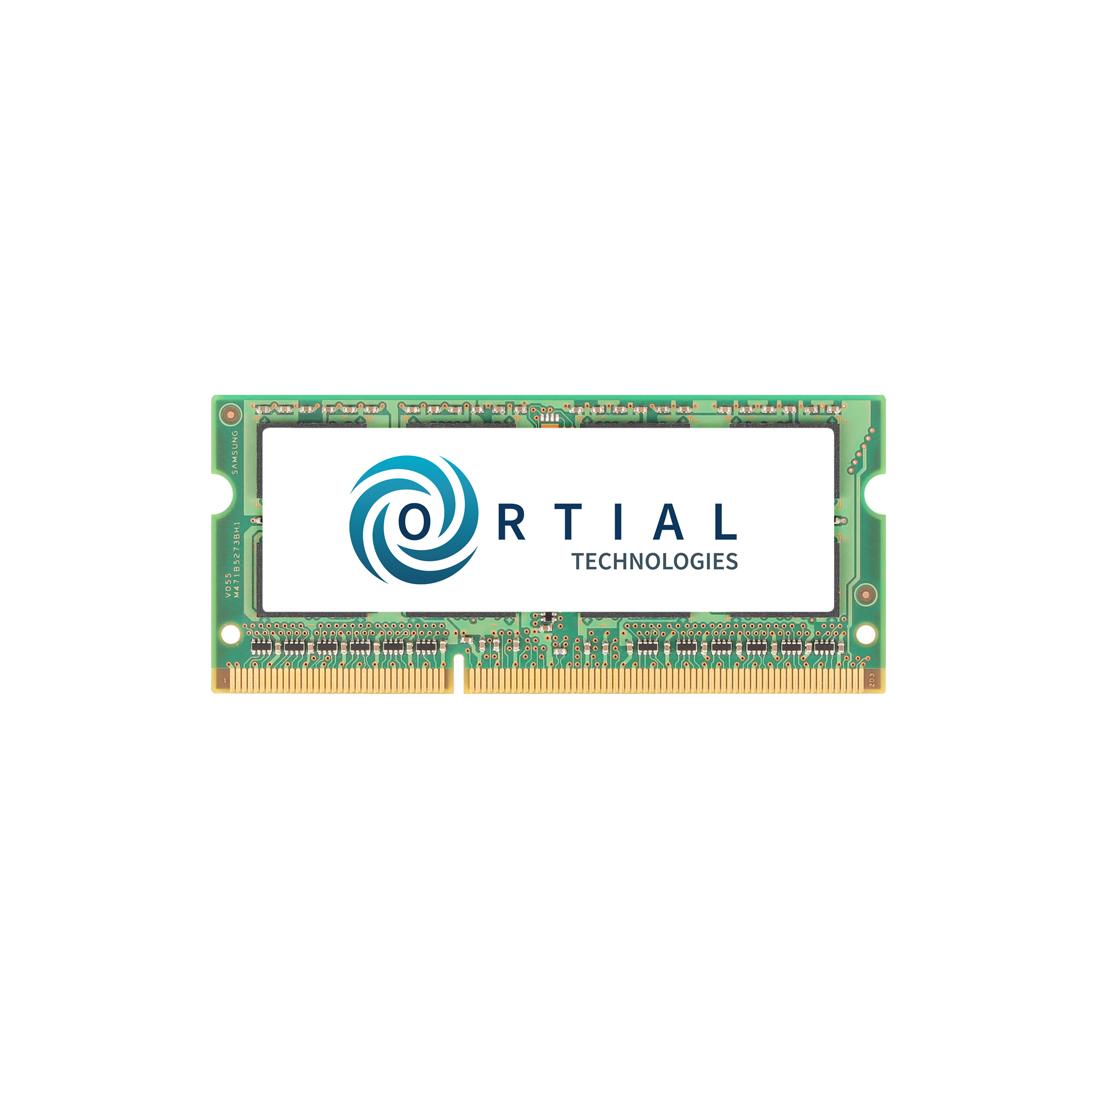 ORTIAL 4GB x8 DDR3L 1600 SODIMM